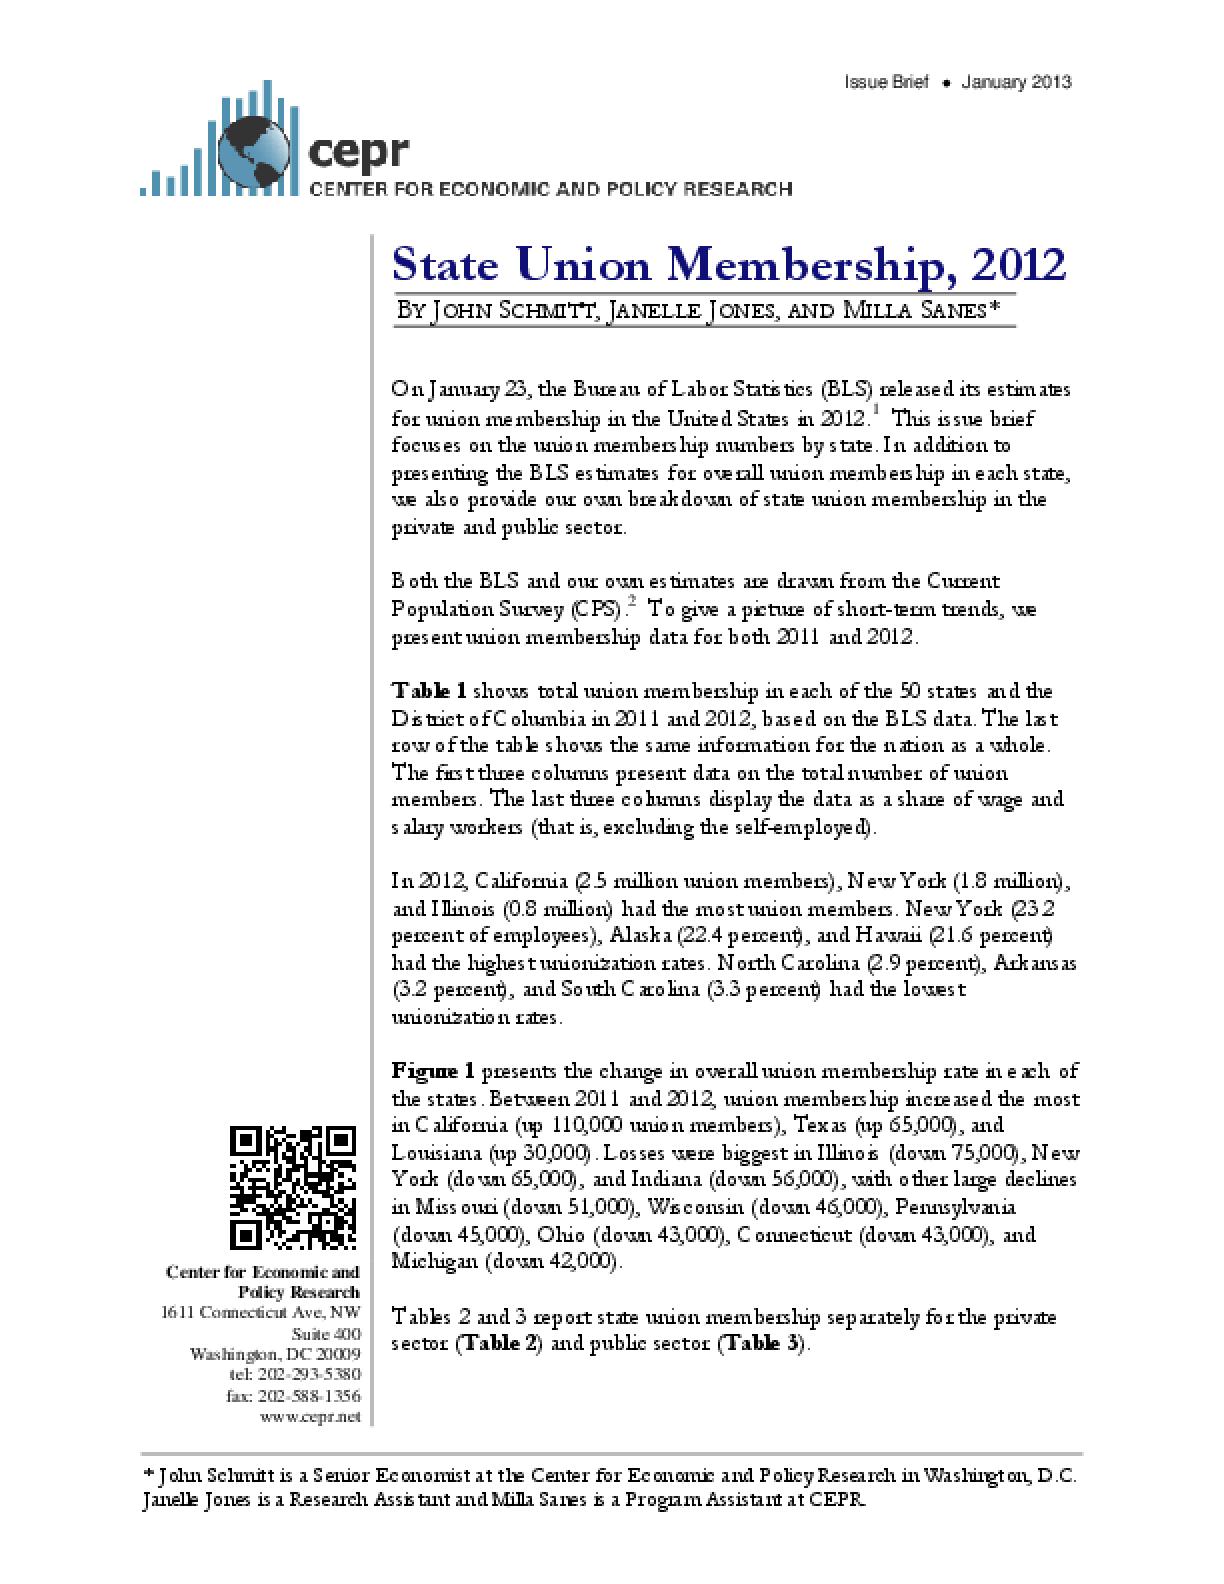 State Union Membership, 2012